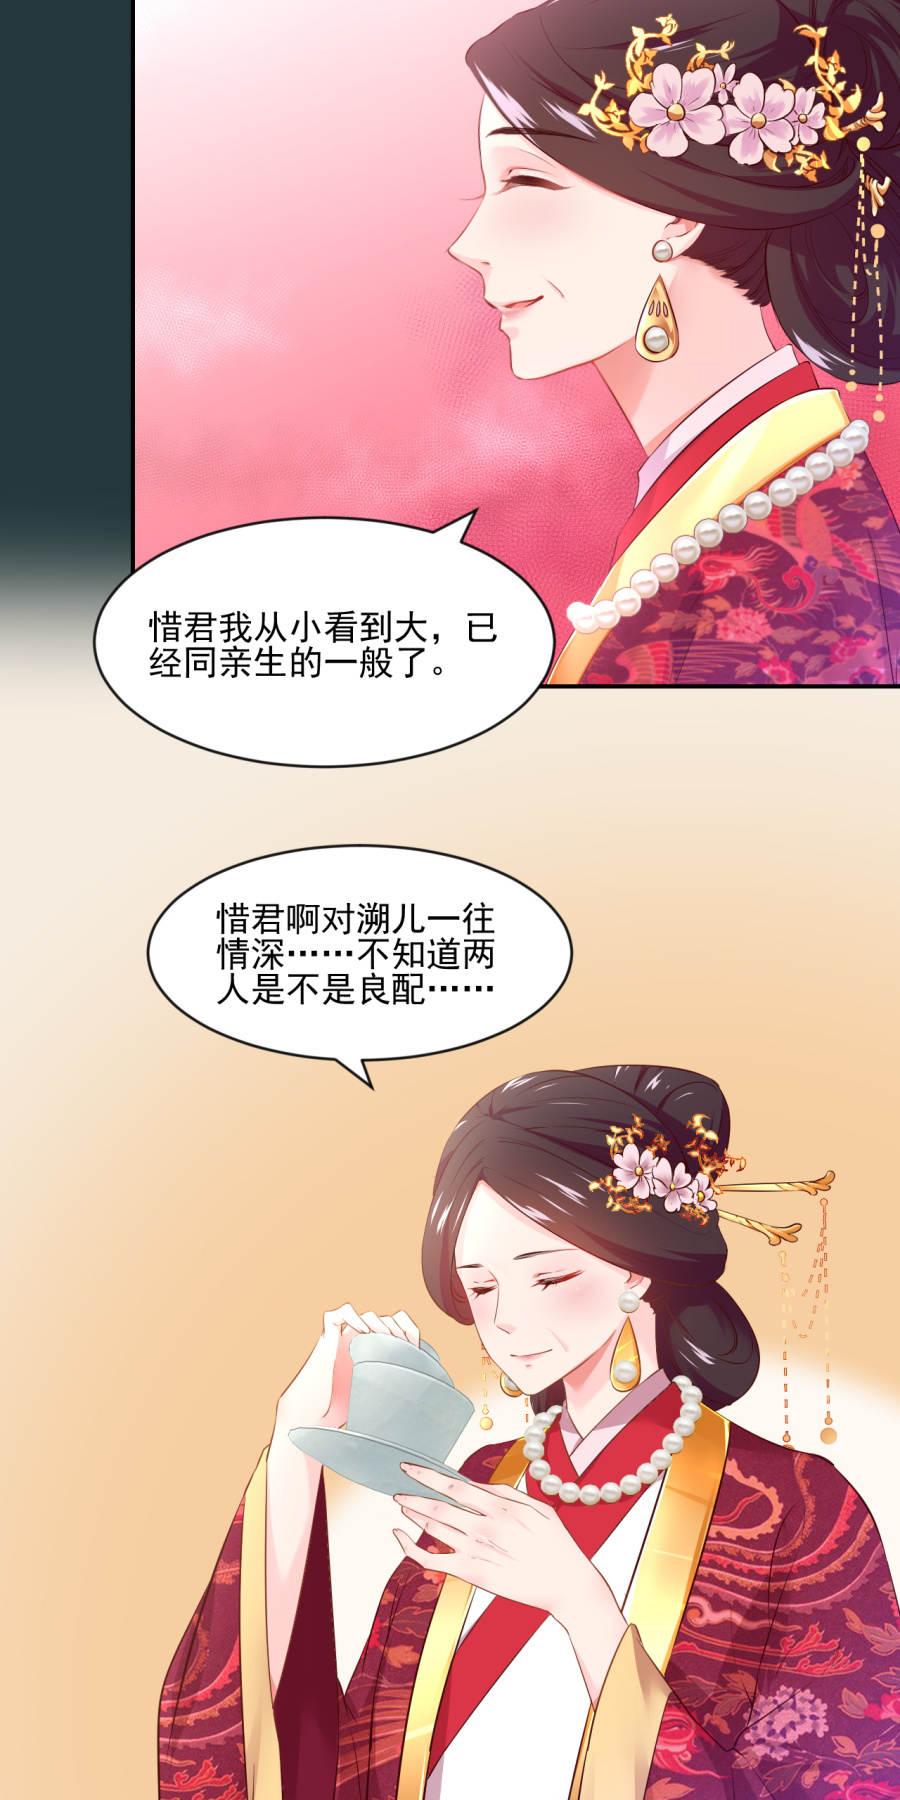 盛世帝王妃第84话  拒绝赐婚 第 9